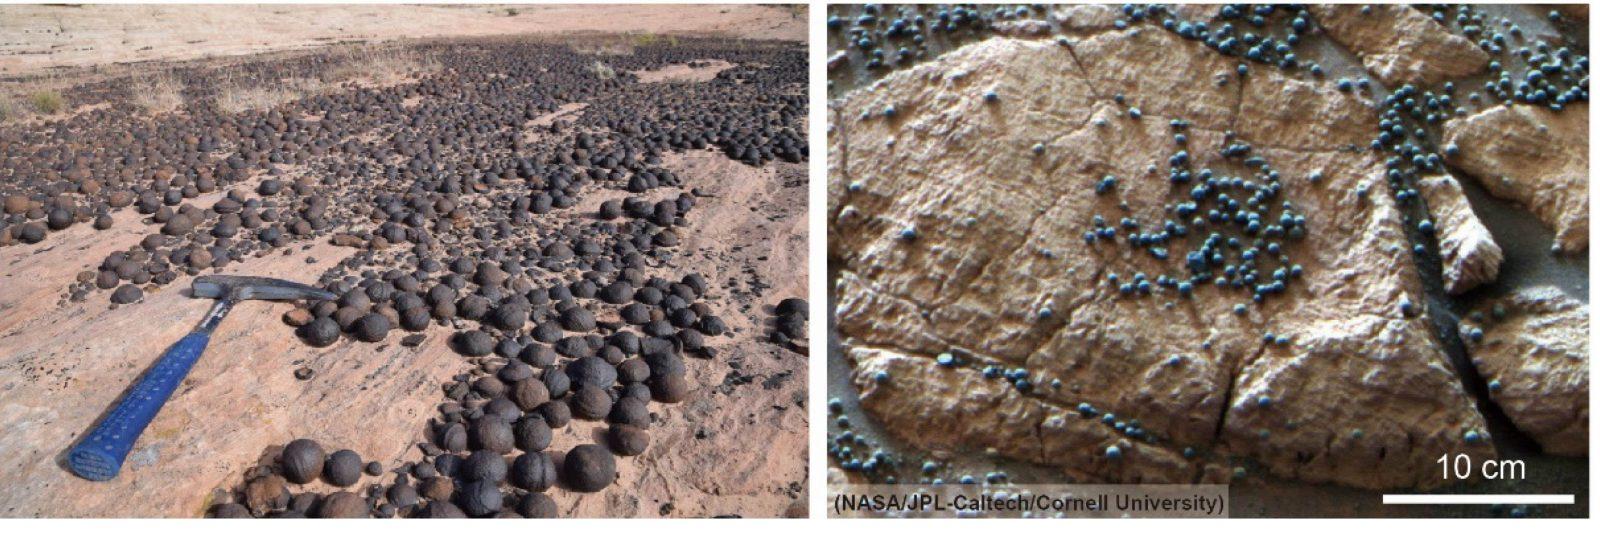 Formazioni sferiche di ematite terrestri (sinistra) e marziane (destra).